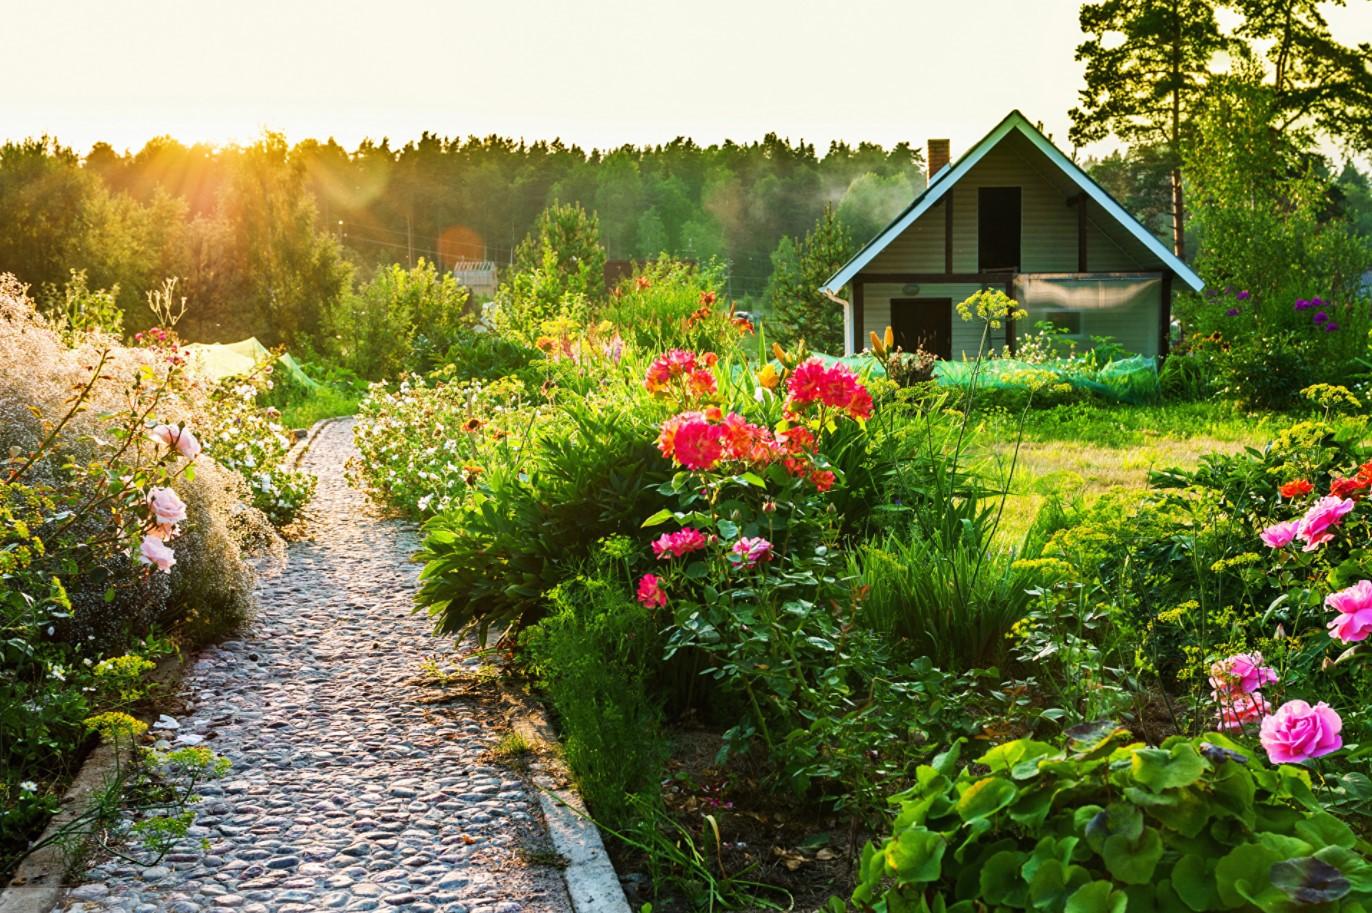 Домашний сад - почему он изменит вашу жизнь к лучшему?